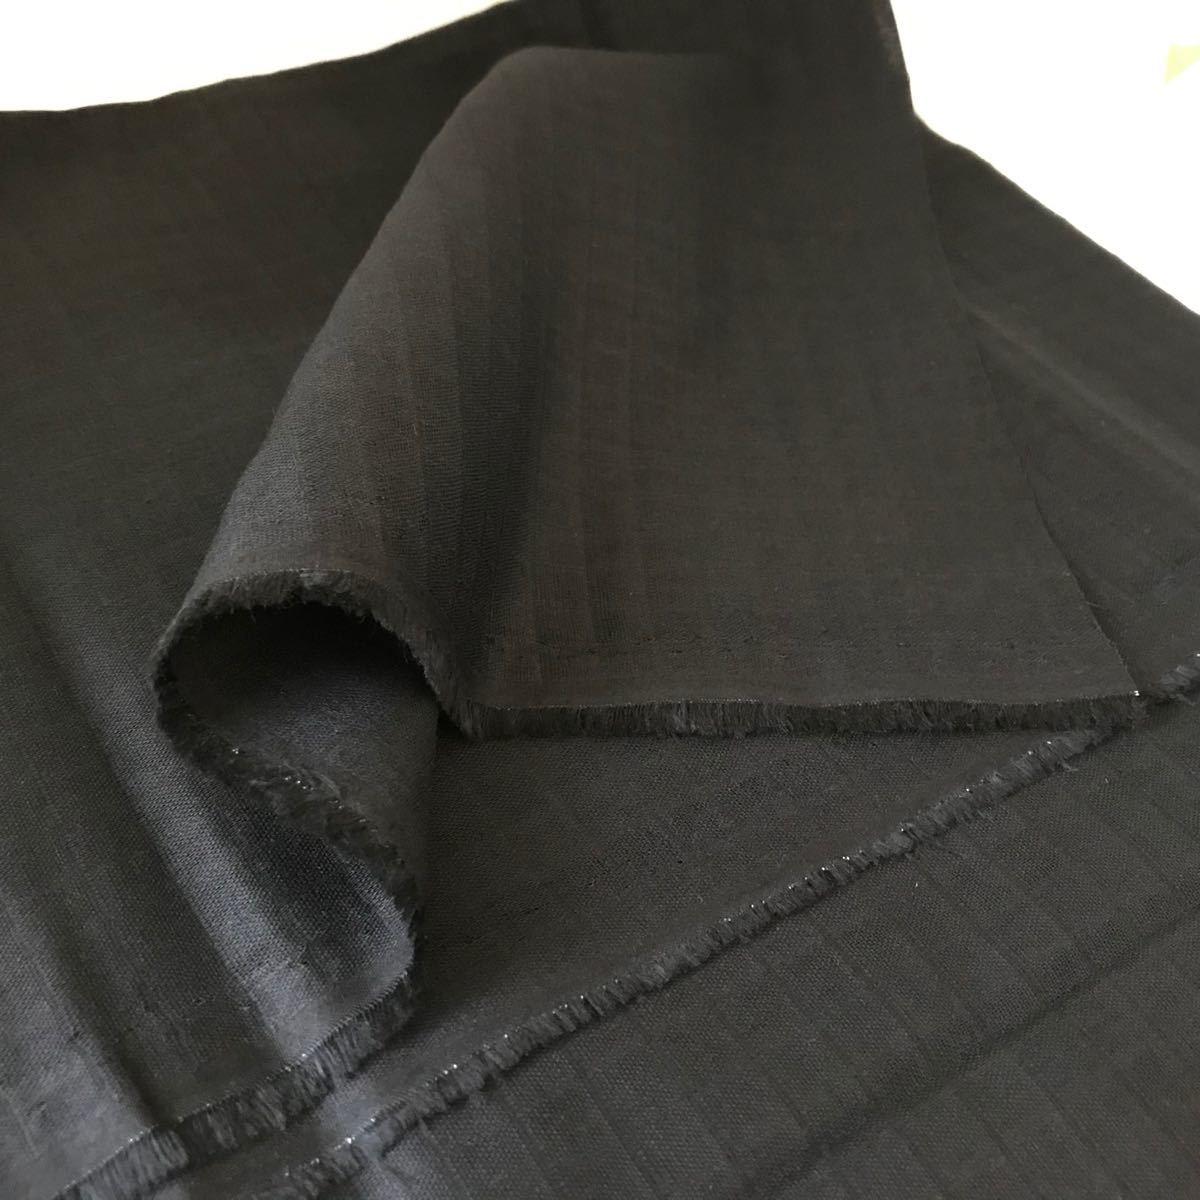 ダブルガーゼ 幅広 155×50 ブラック 黒 無地 生地 布 はぎれ